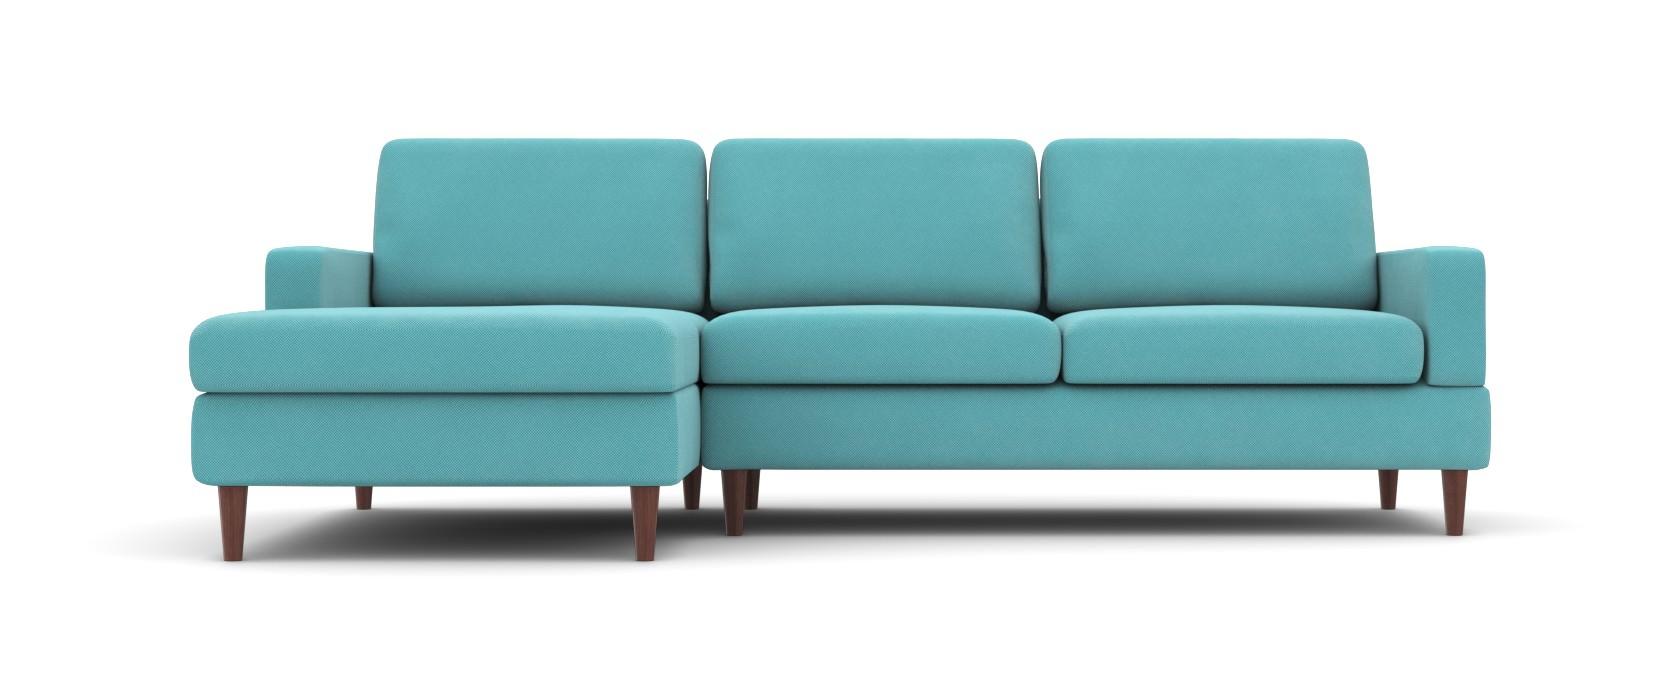 Угловой диван Bruno - Фото 1 - Pufetto